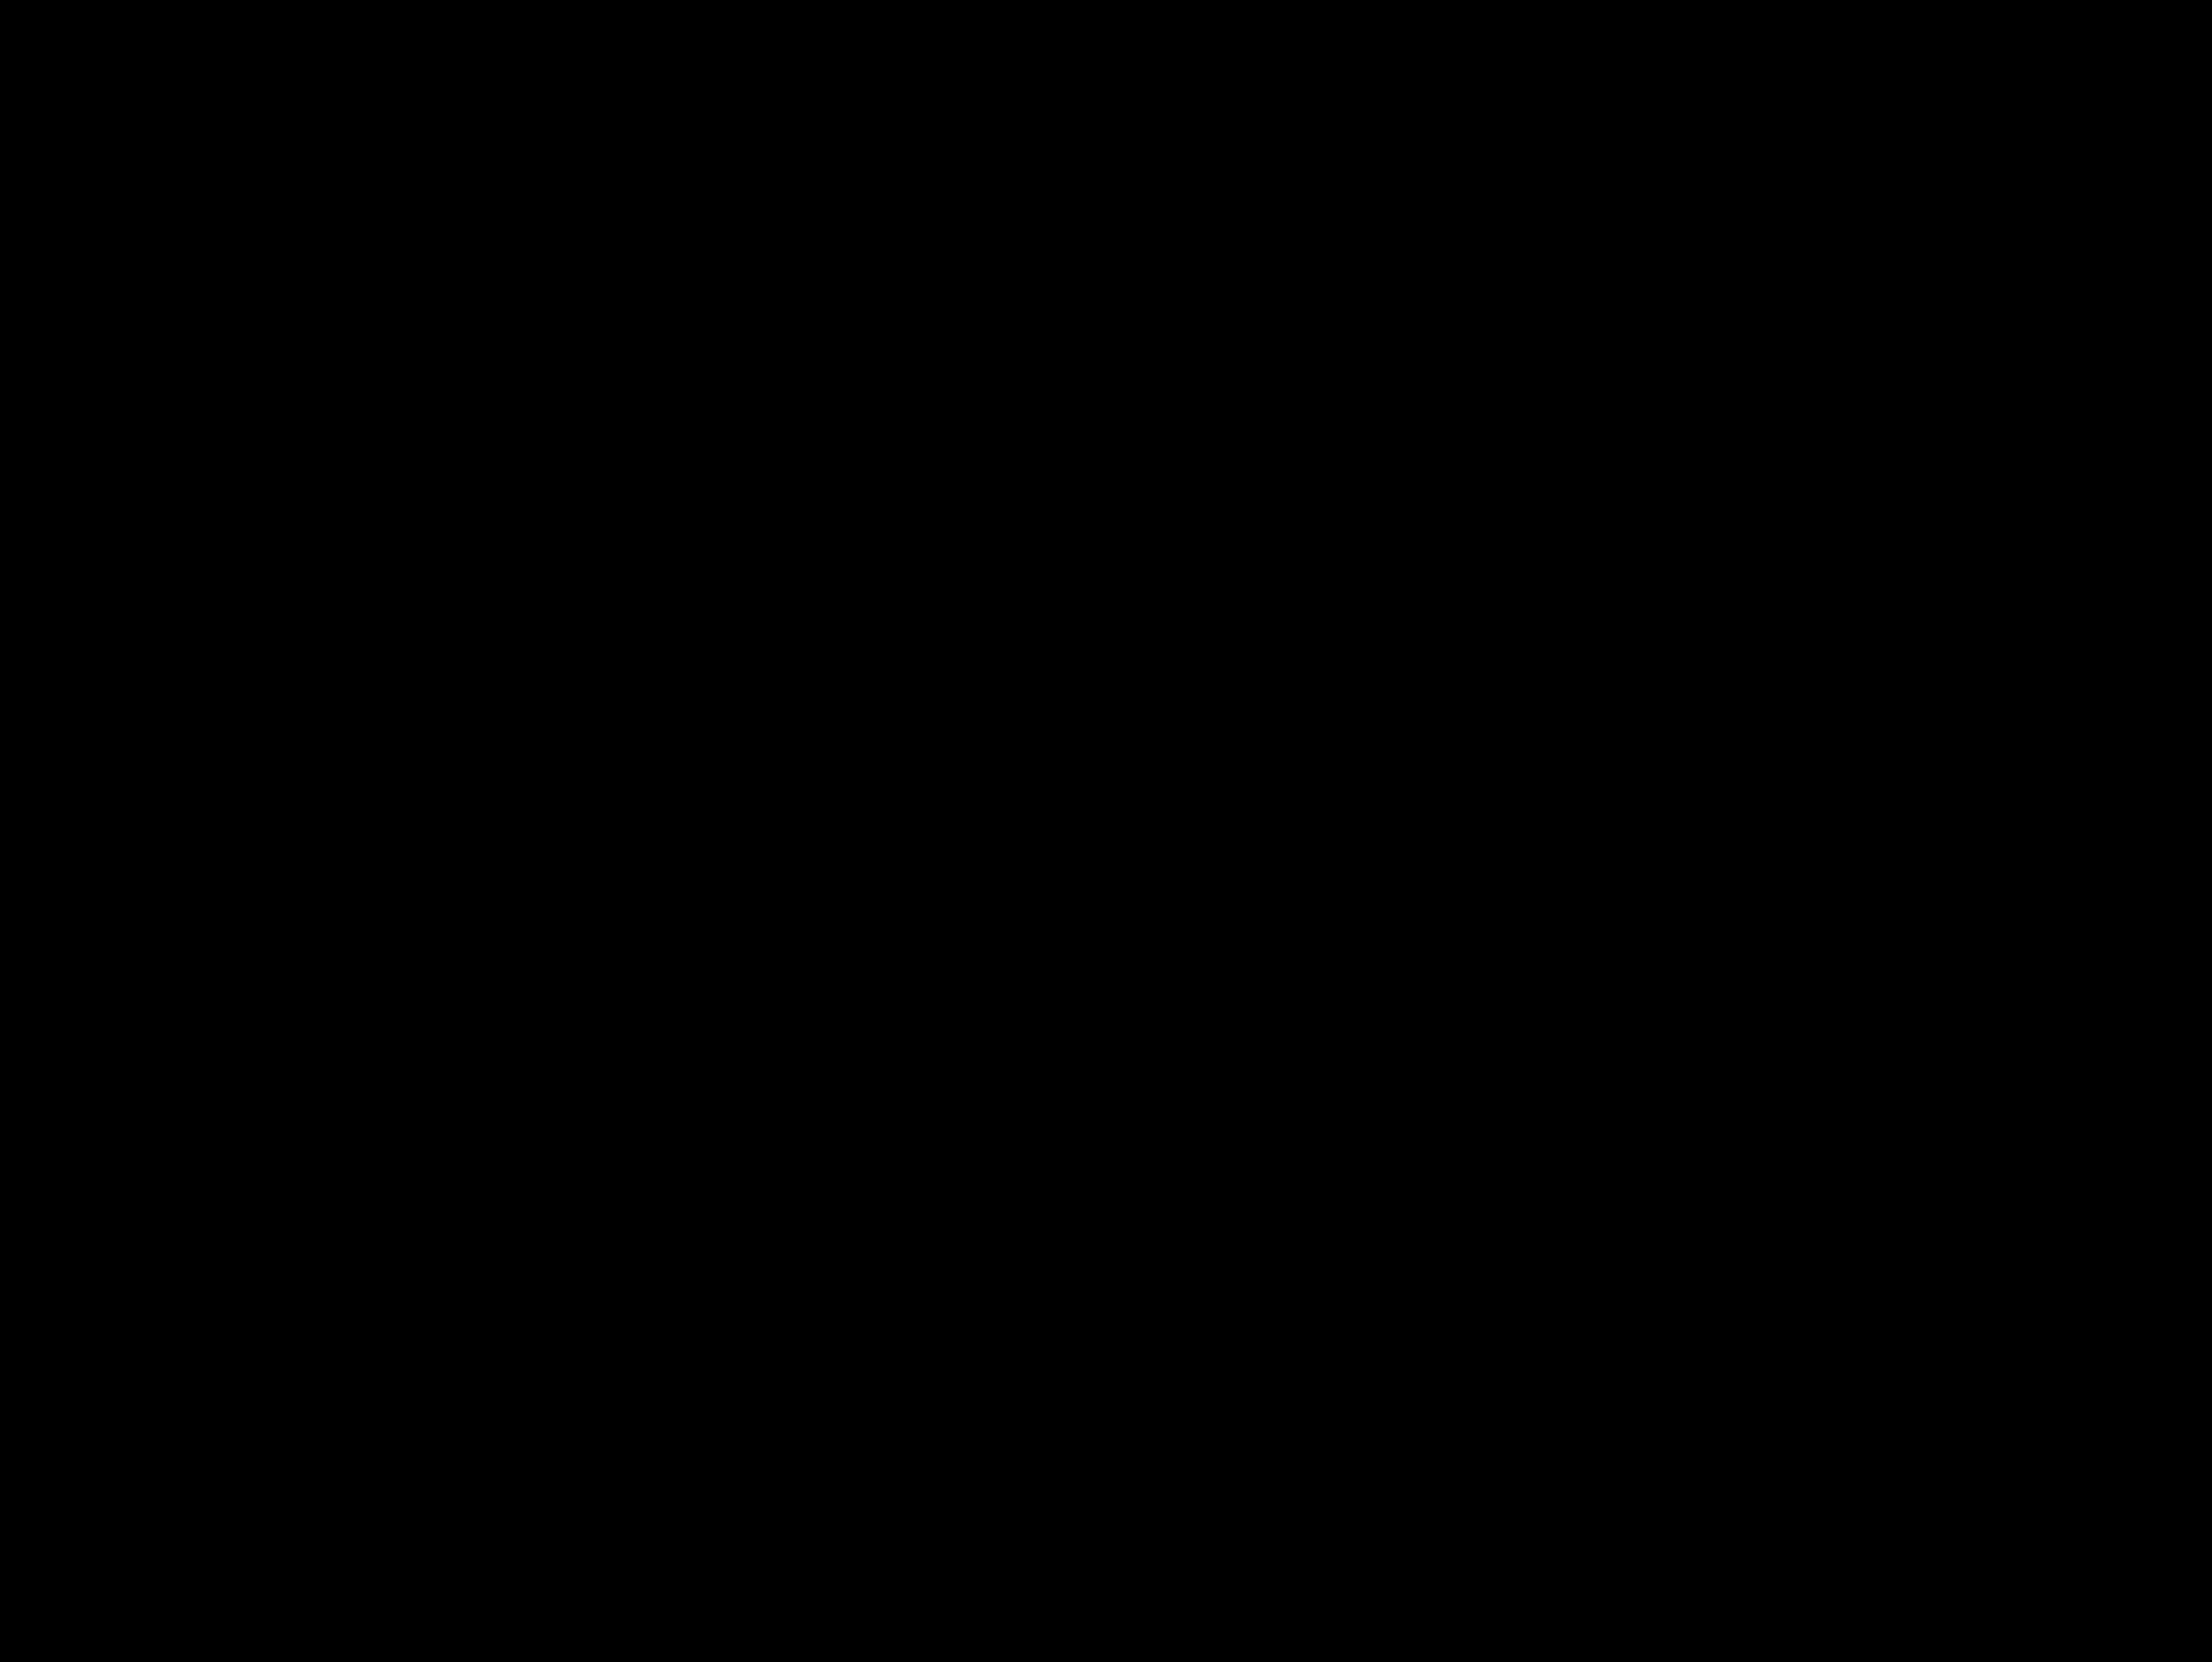 gratis kontaktannonser massage frölunda